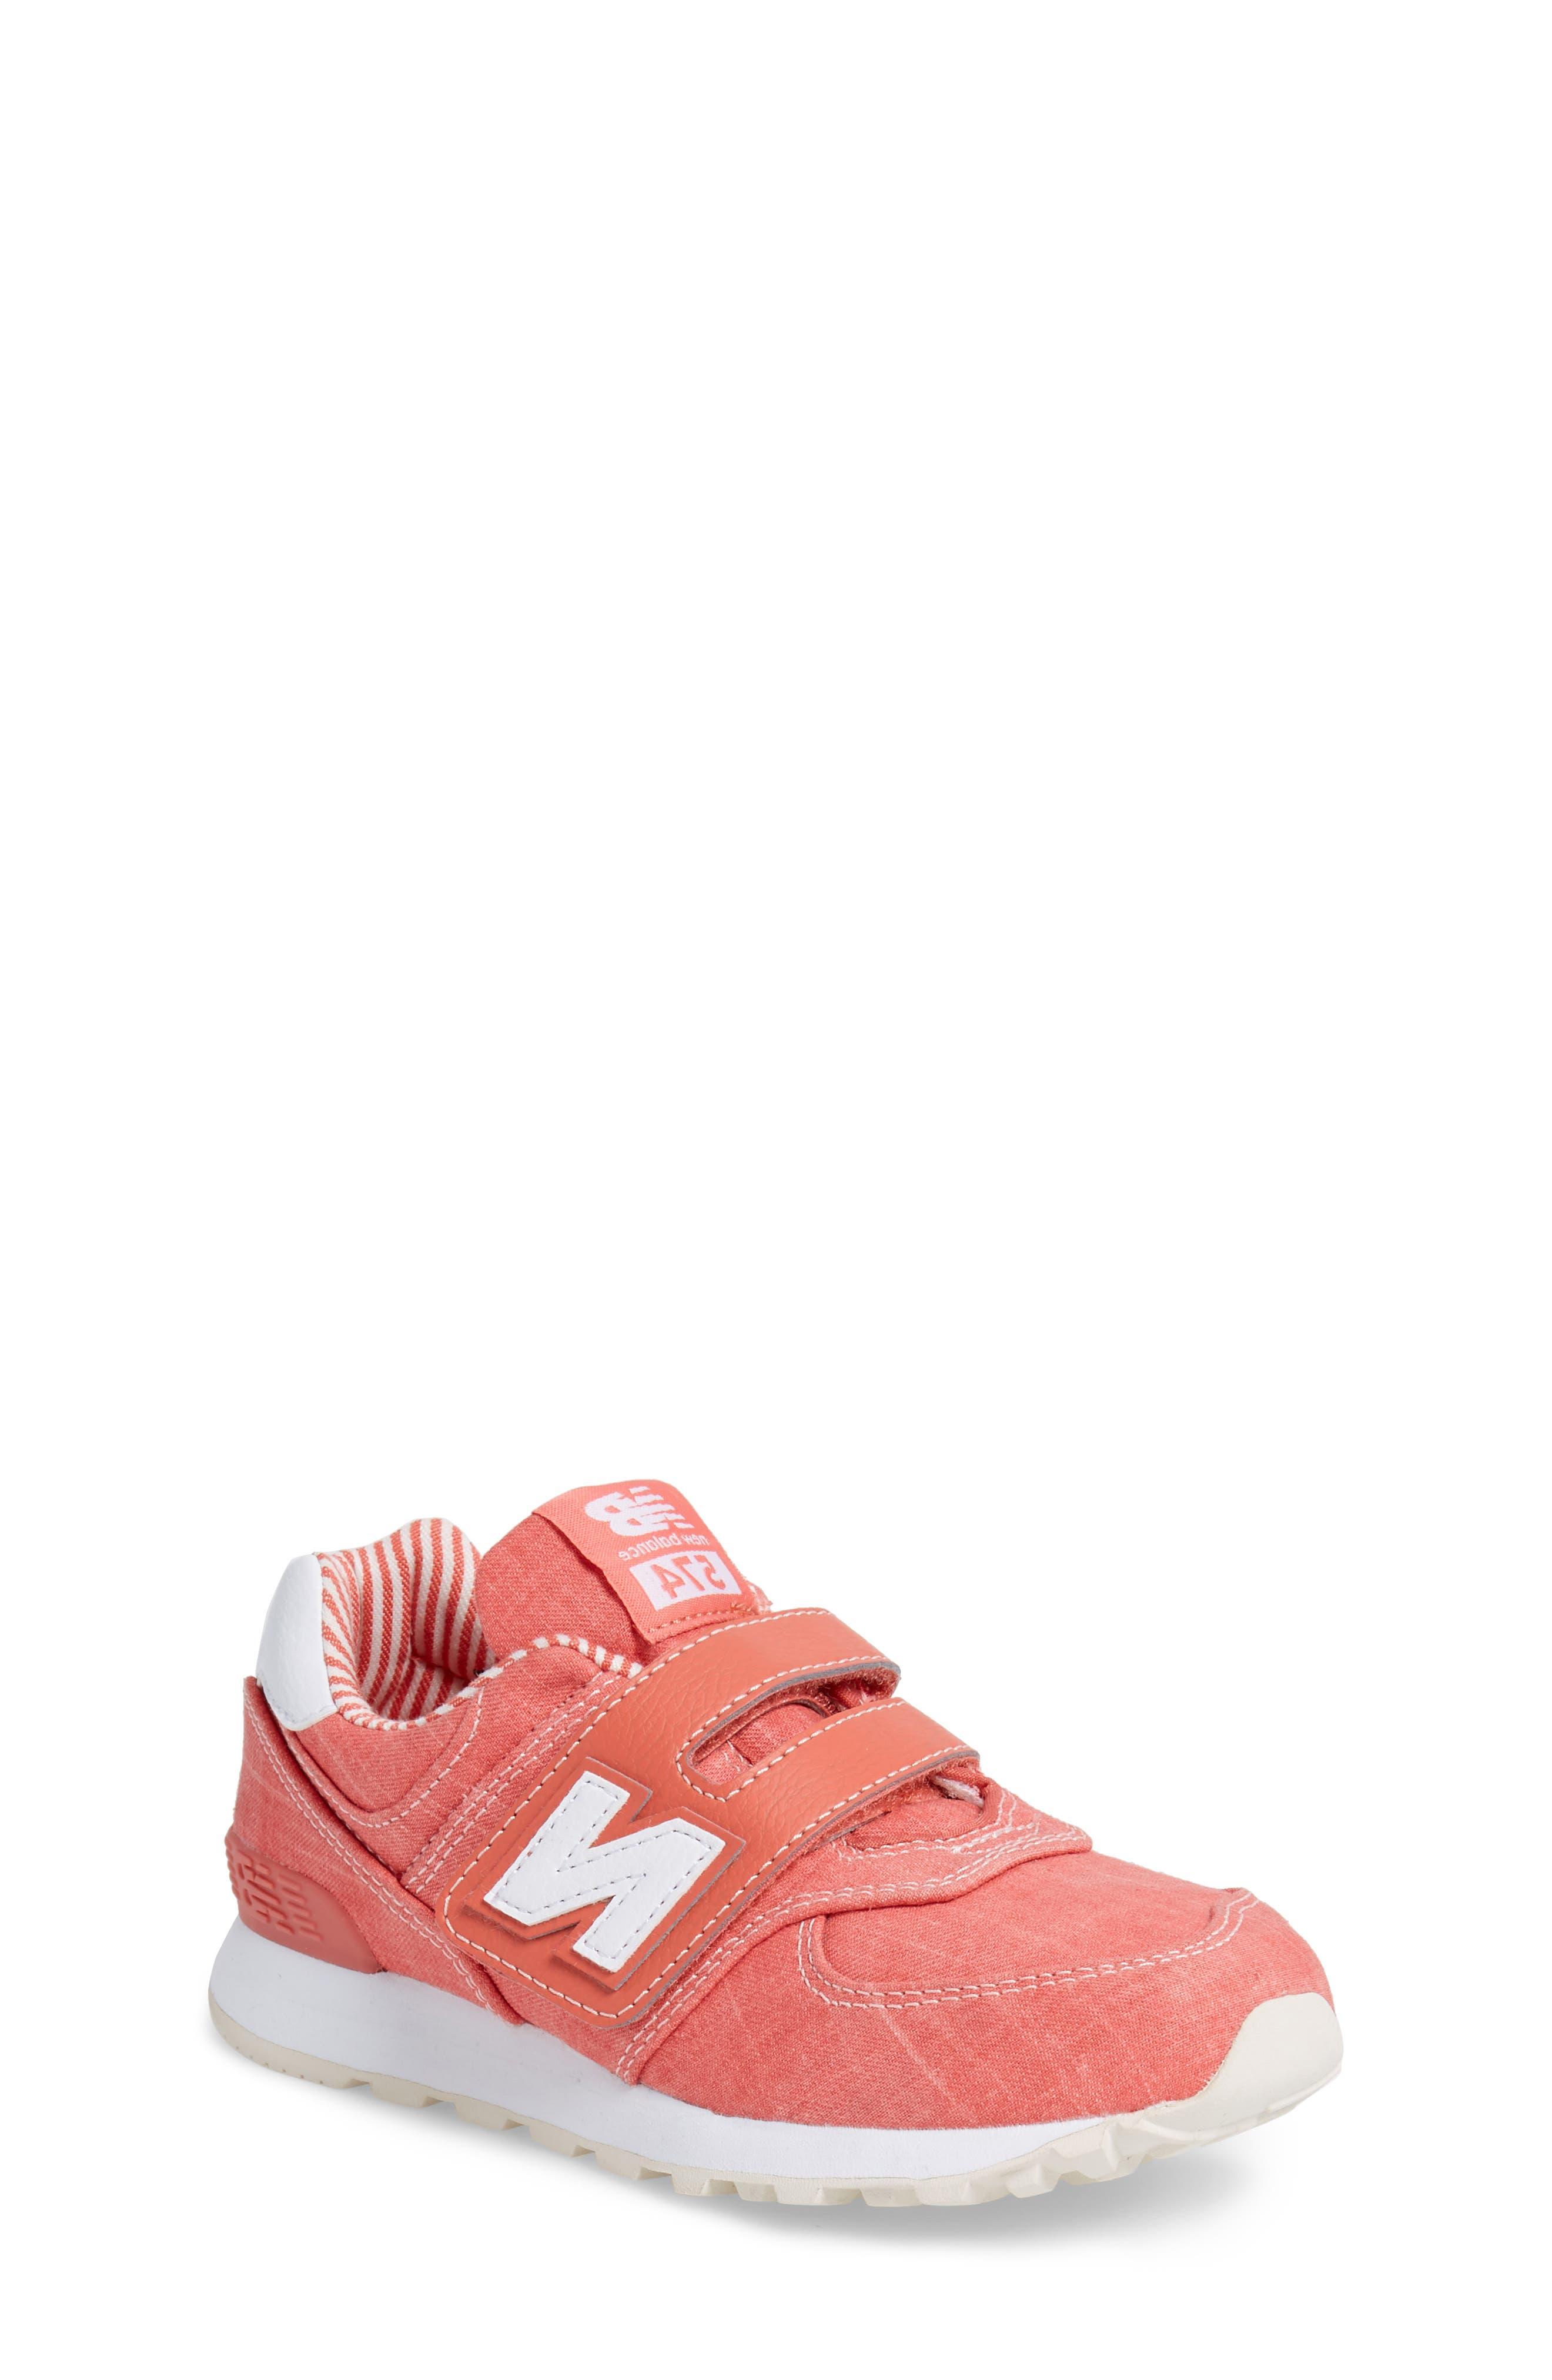 574v1 Sneaker,                             Main thumbnail 1, color,                             Coral